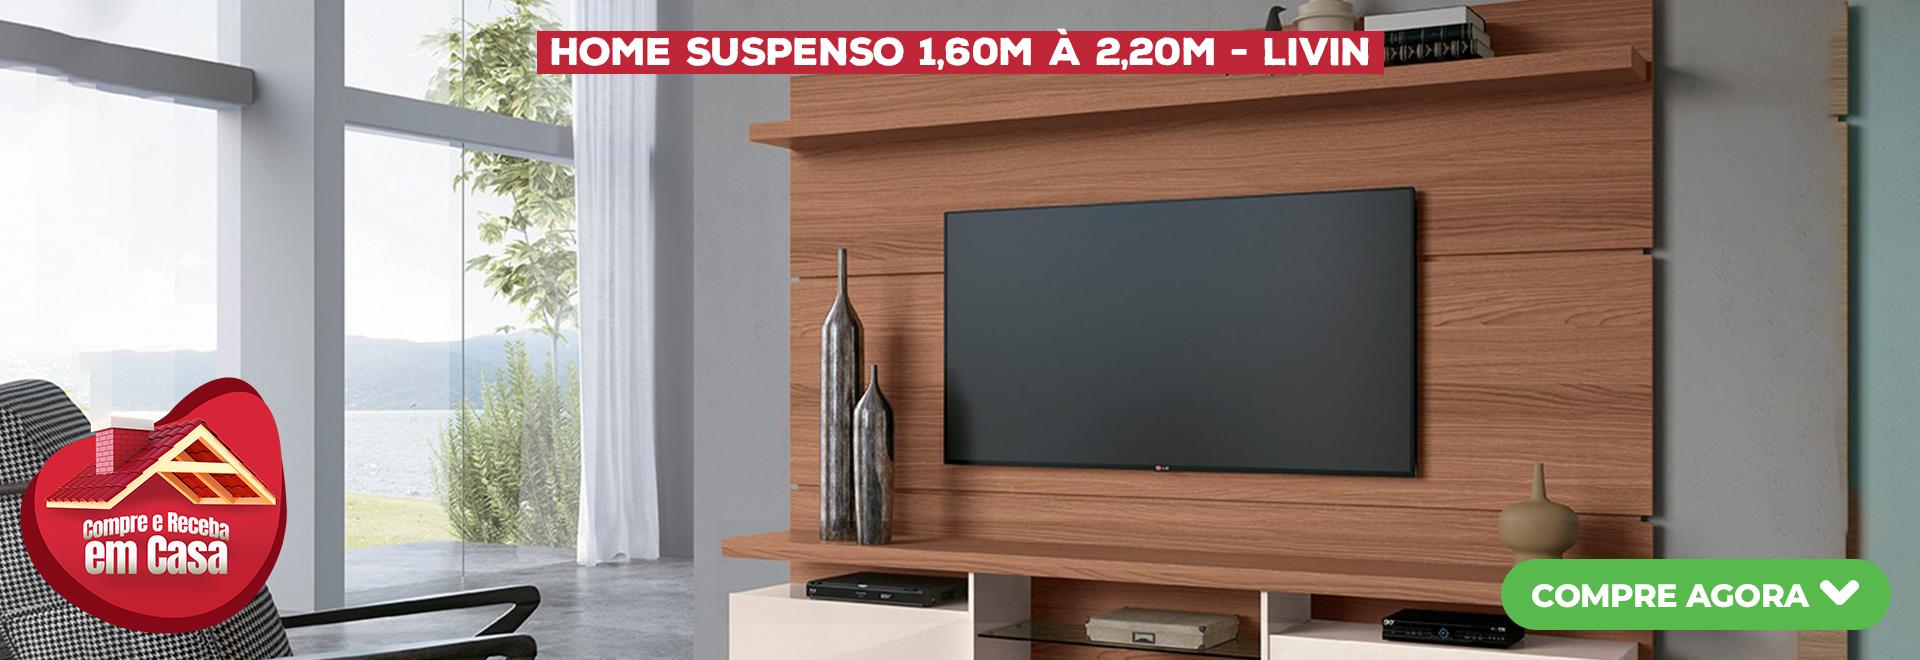 Home Suspenso 1,60m à 2,20m - LIVIN